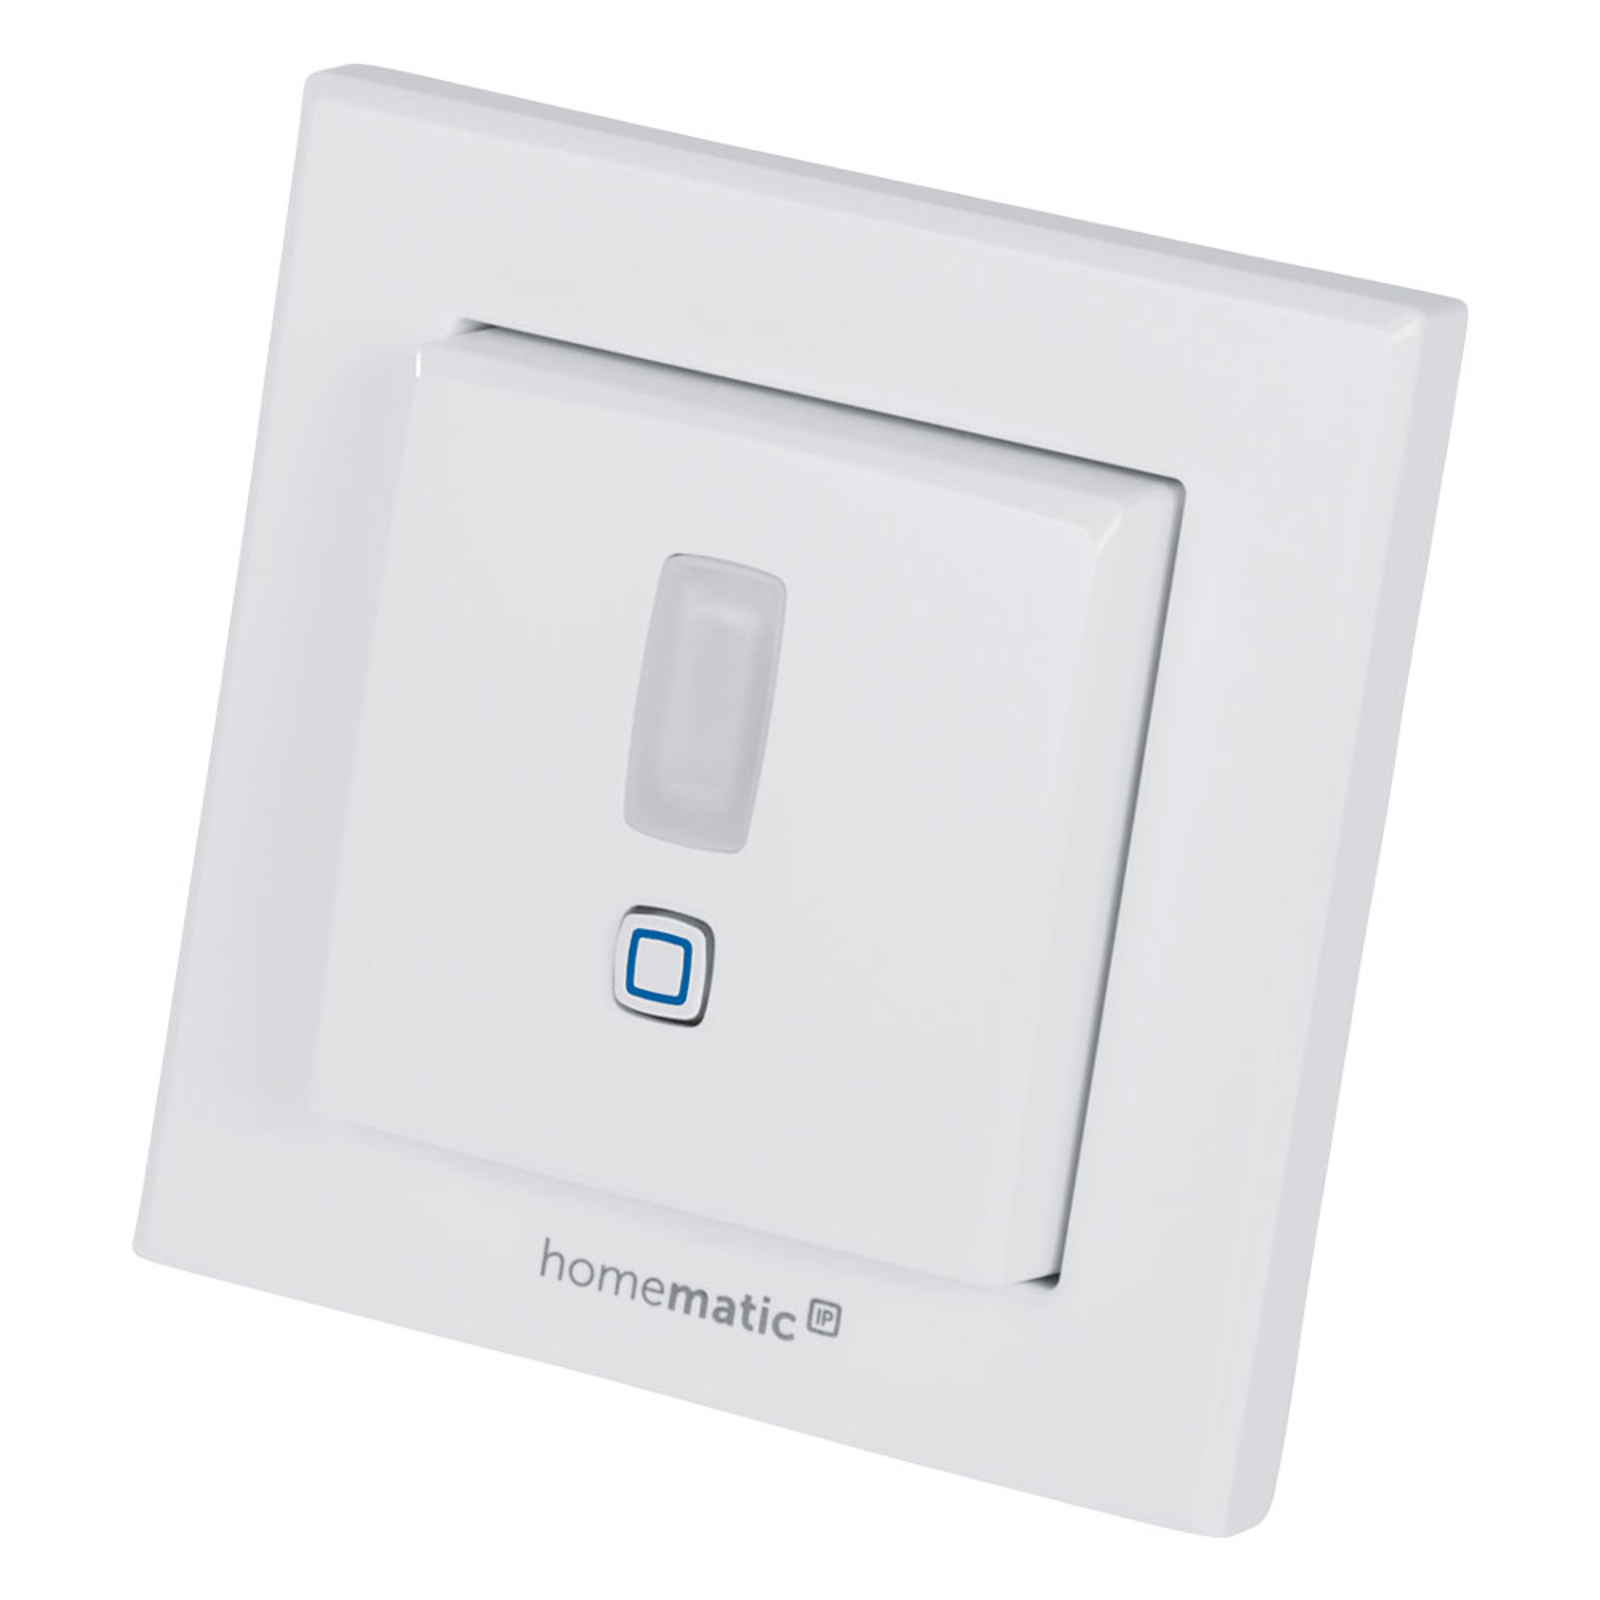 Homematic IP Bewegungsmelder, Schalter, für 5,5 cm